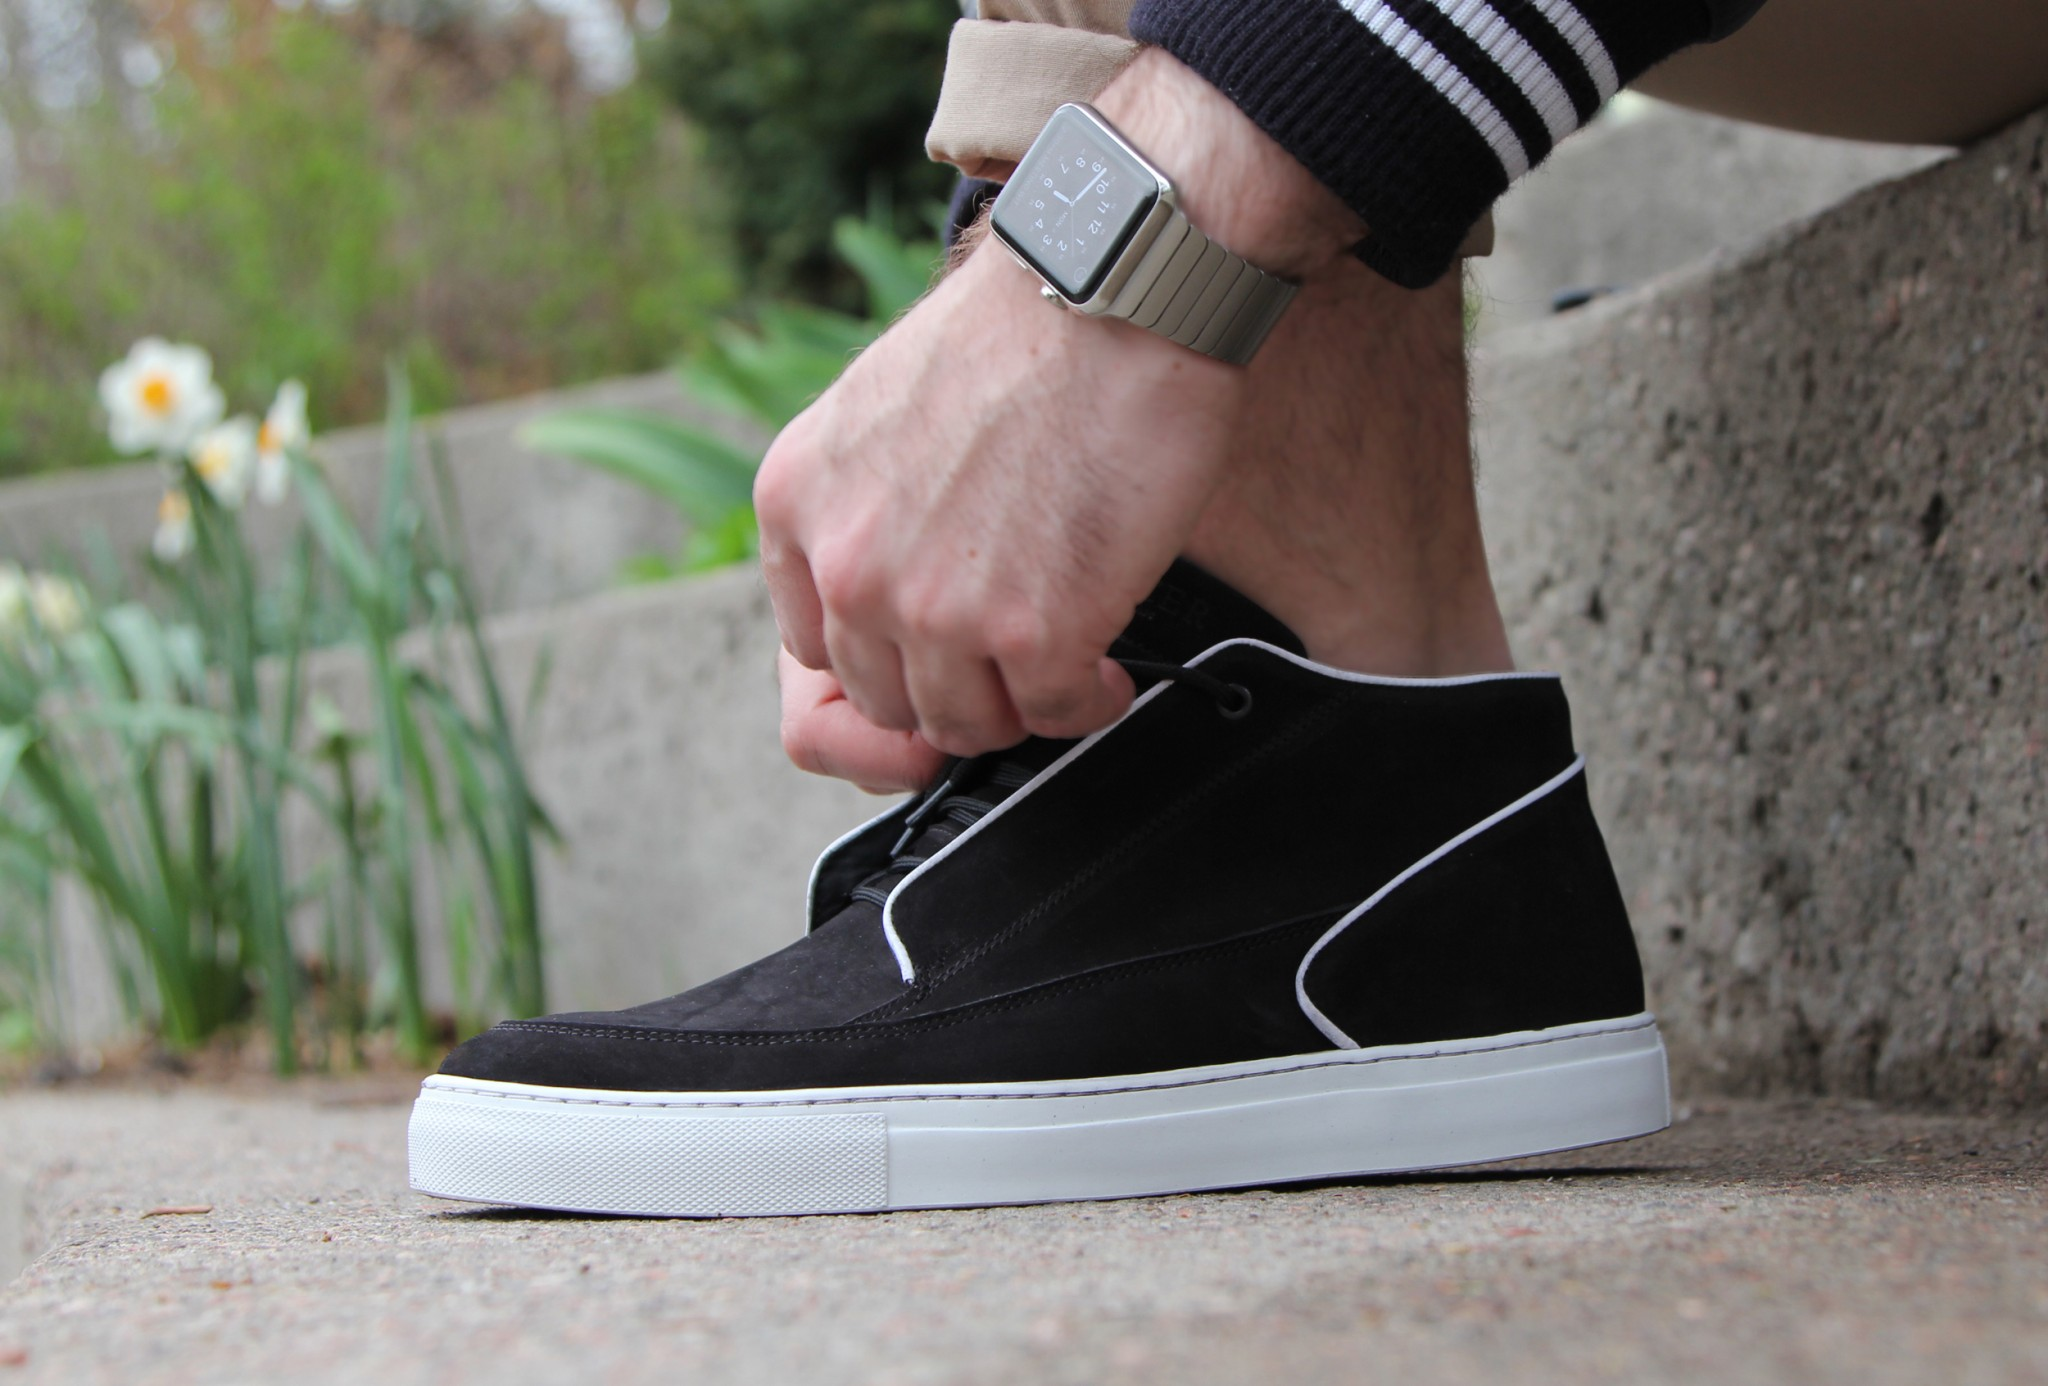 Apple Watch Shoe Tie Up